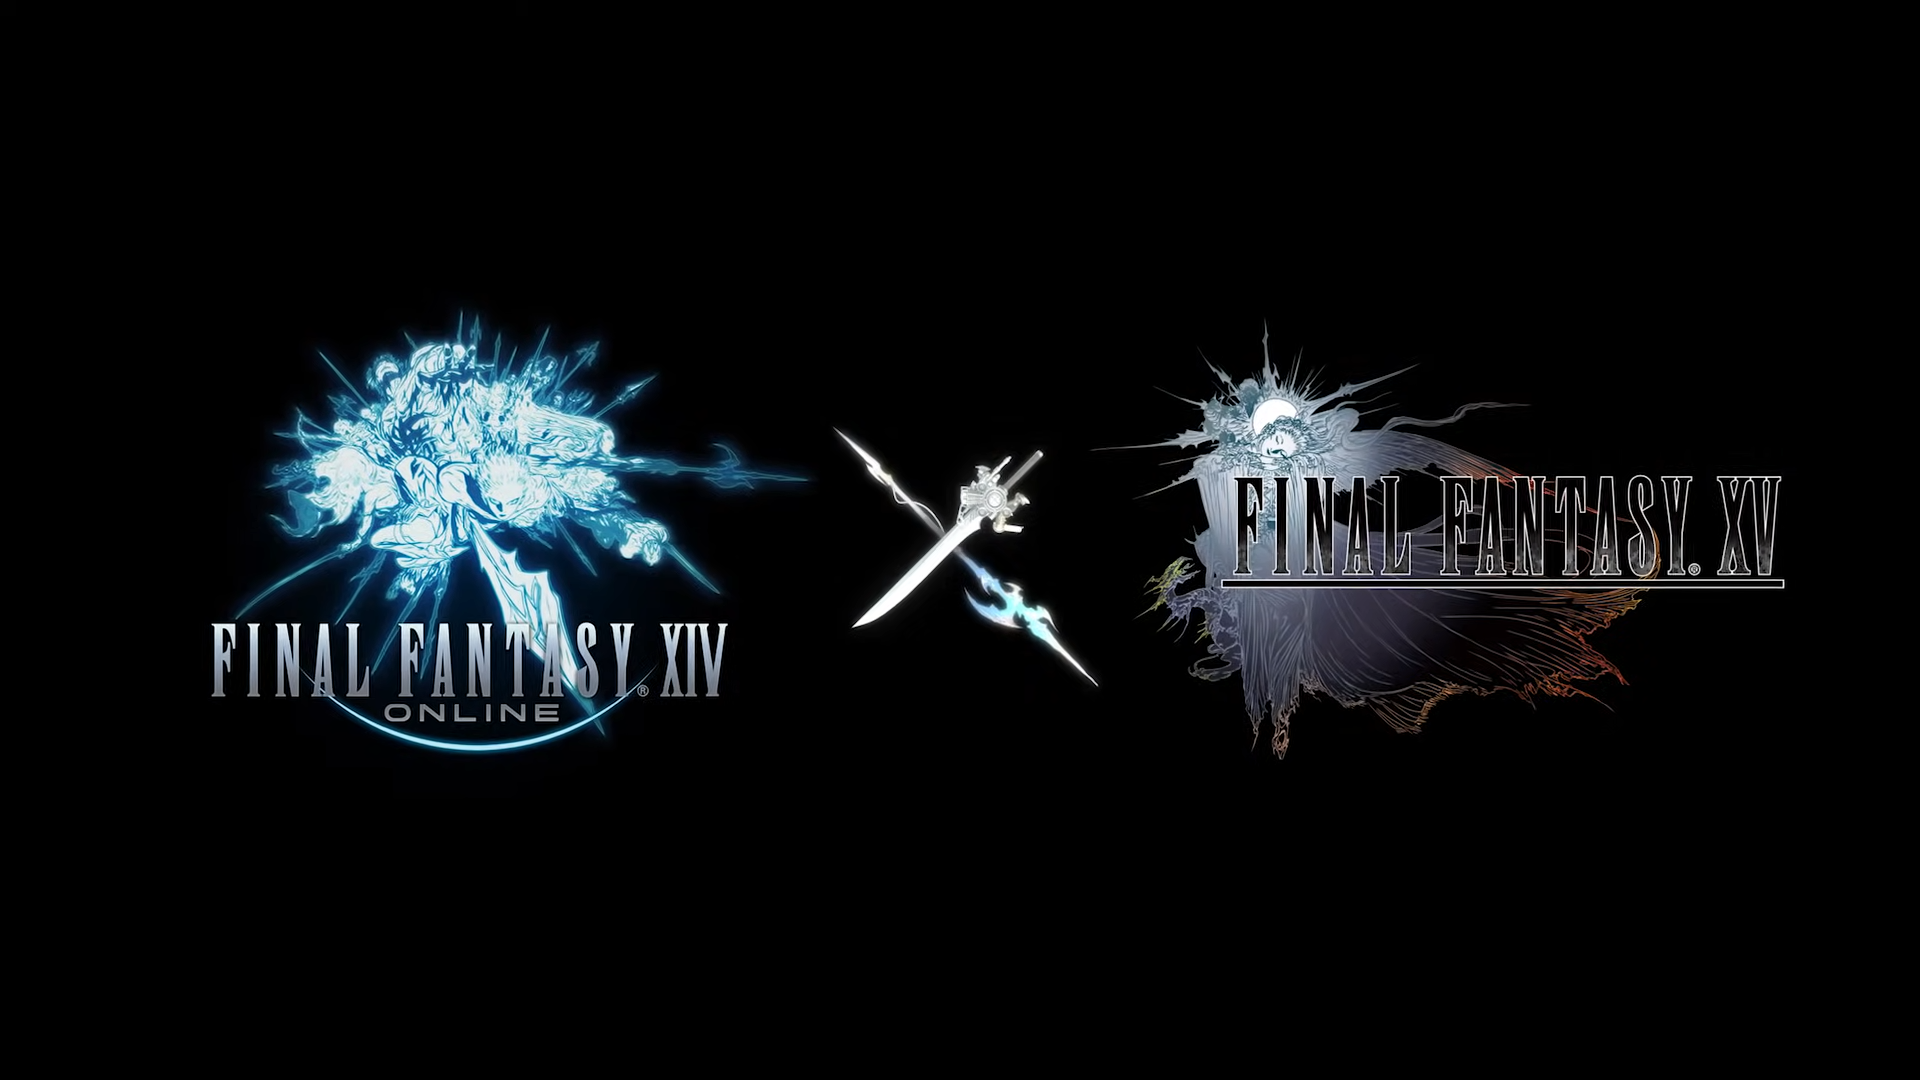 Ve Final Fantasy XIV opět budeme moci získat věci z Final Fantasy XV FF